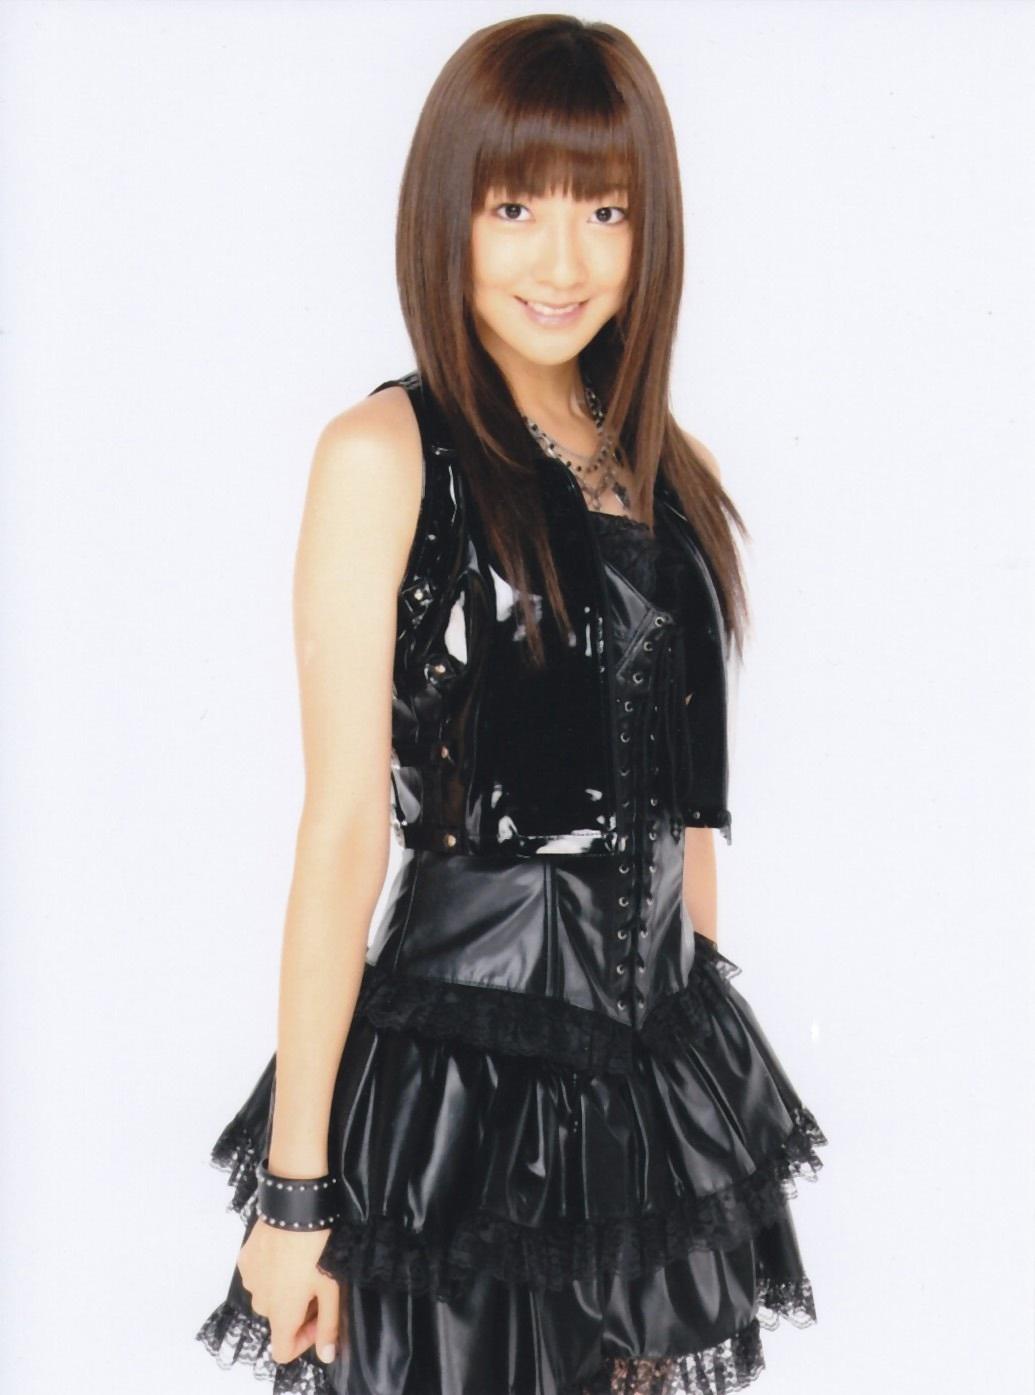 Image - Kumai Yurina 26079.jpg - Hello! Project Wiki  Image - Kumai Y...